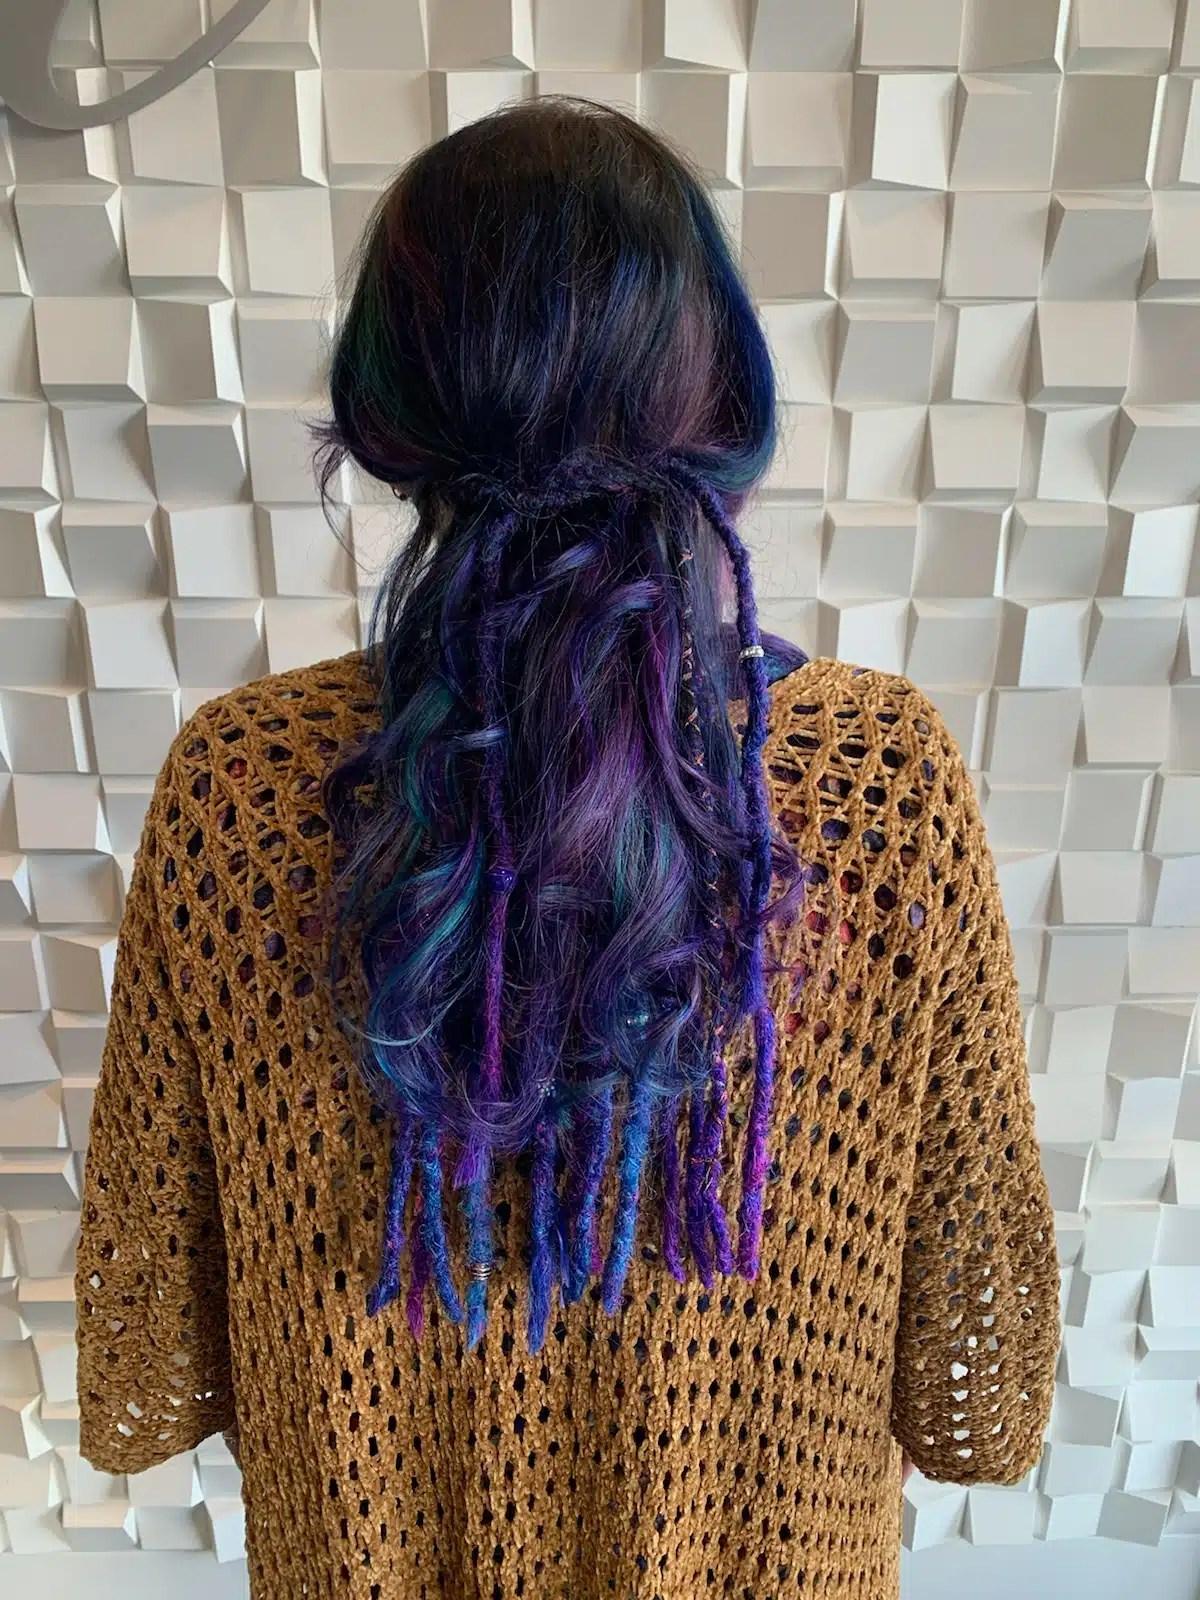 Mermaid Hair in Mercer Island